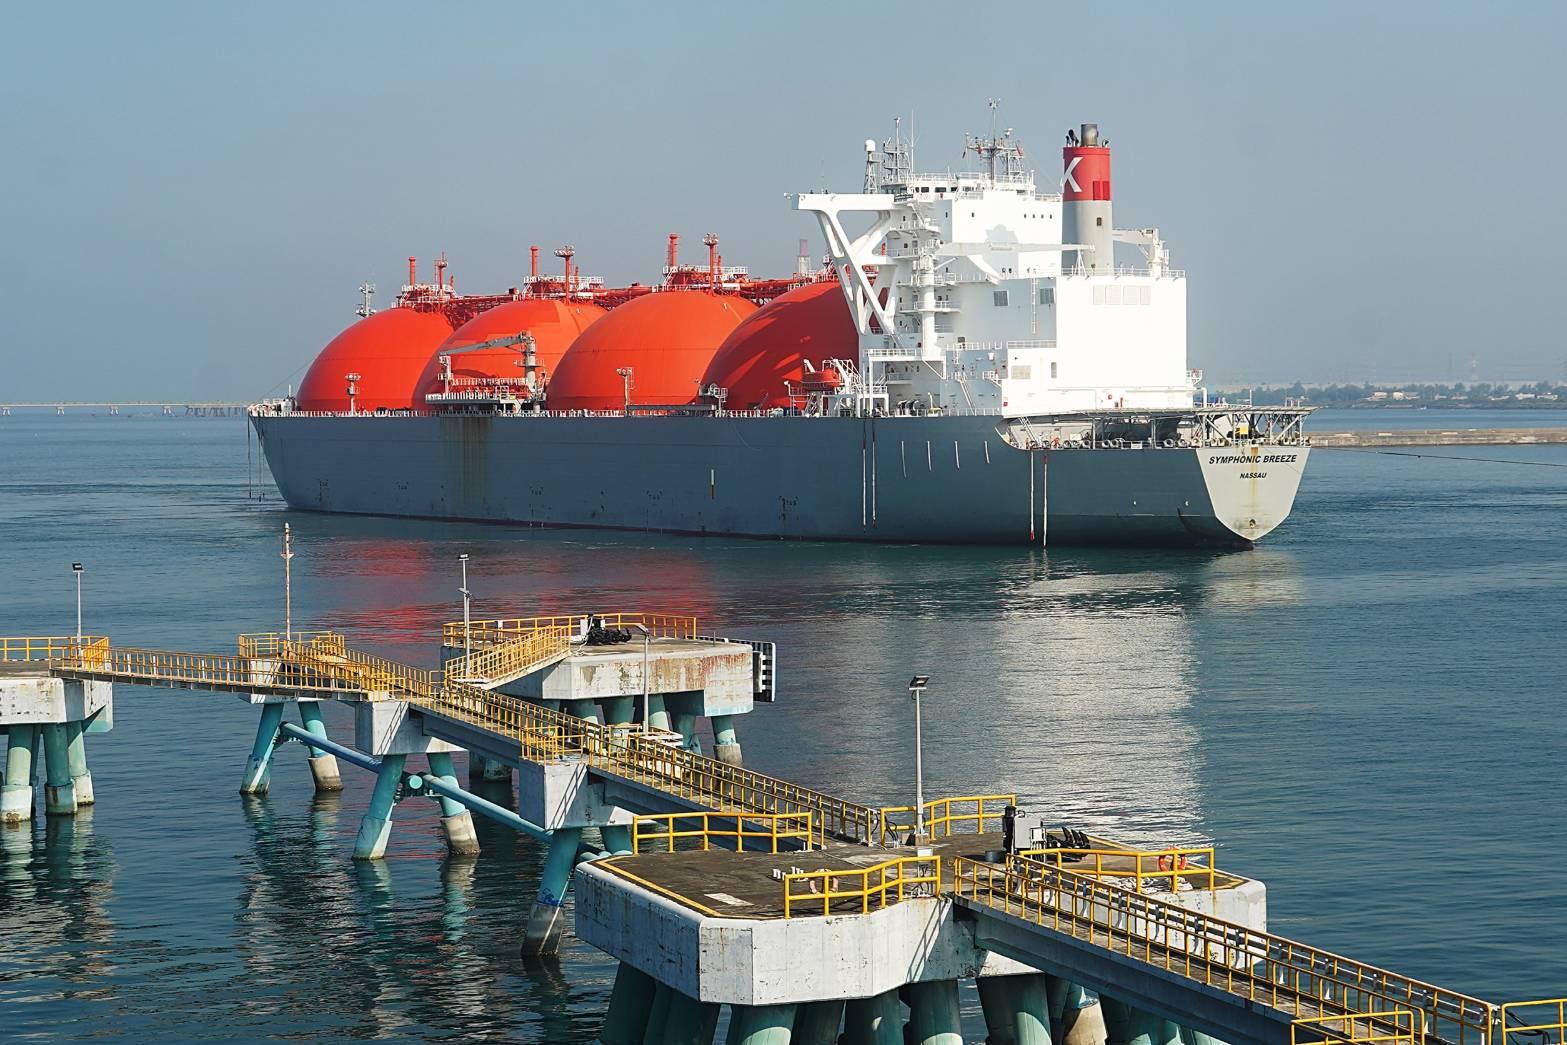 【有影】運氣臨門!中油參與天然氣開發案 未來可望提供國內穩定能源